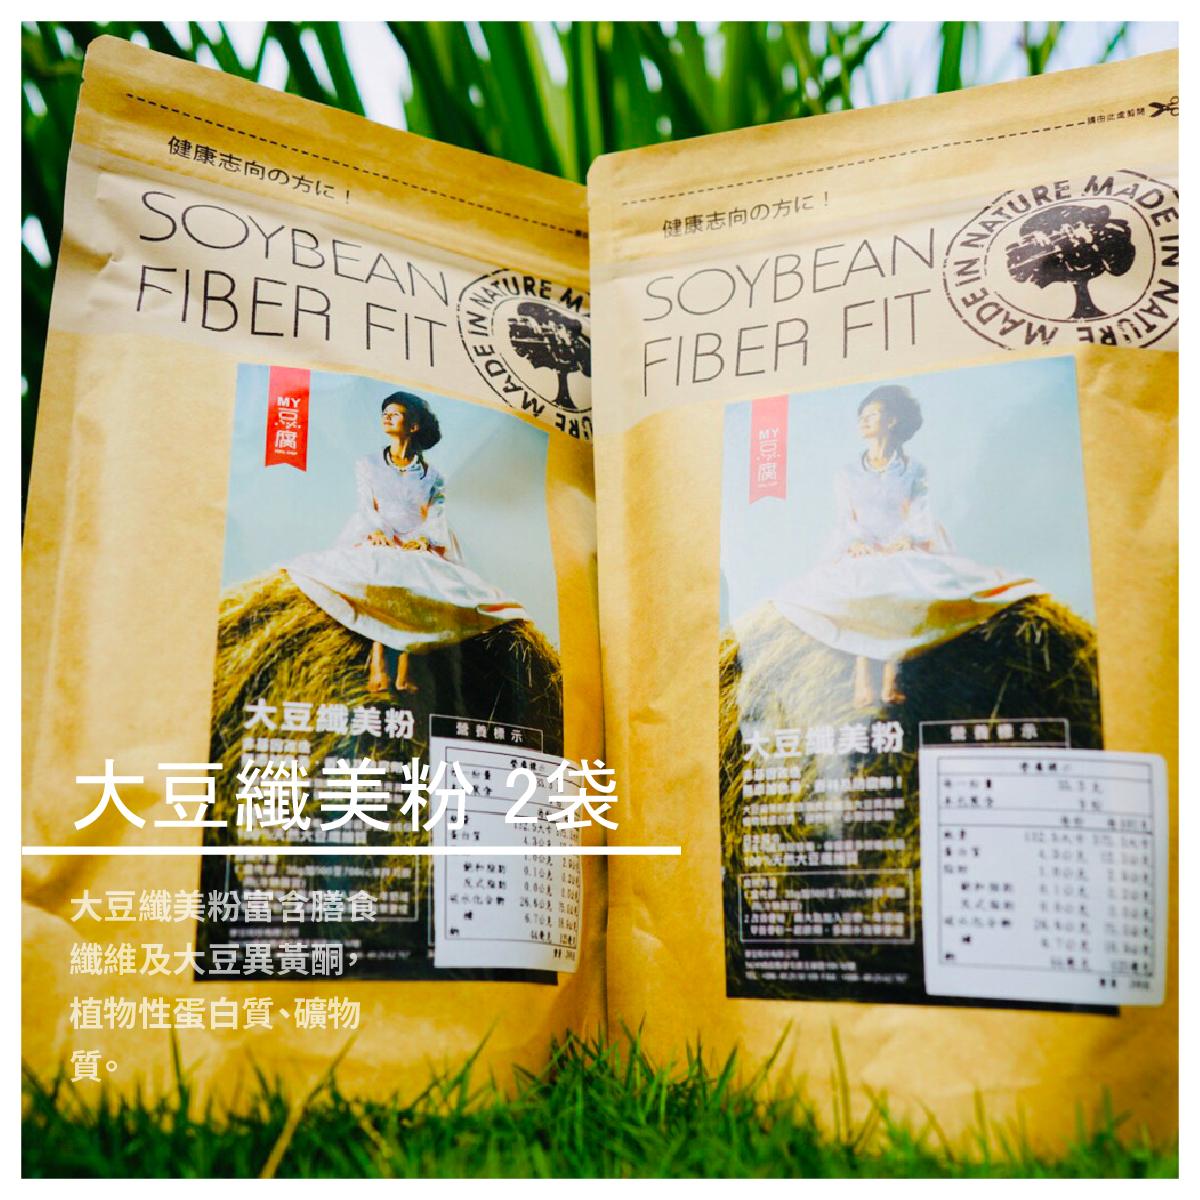 【麥豆-用良心煮豆漿做豆腐】大豆纖美粉 600g/袋